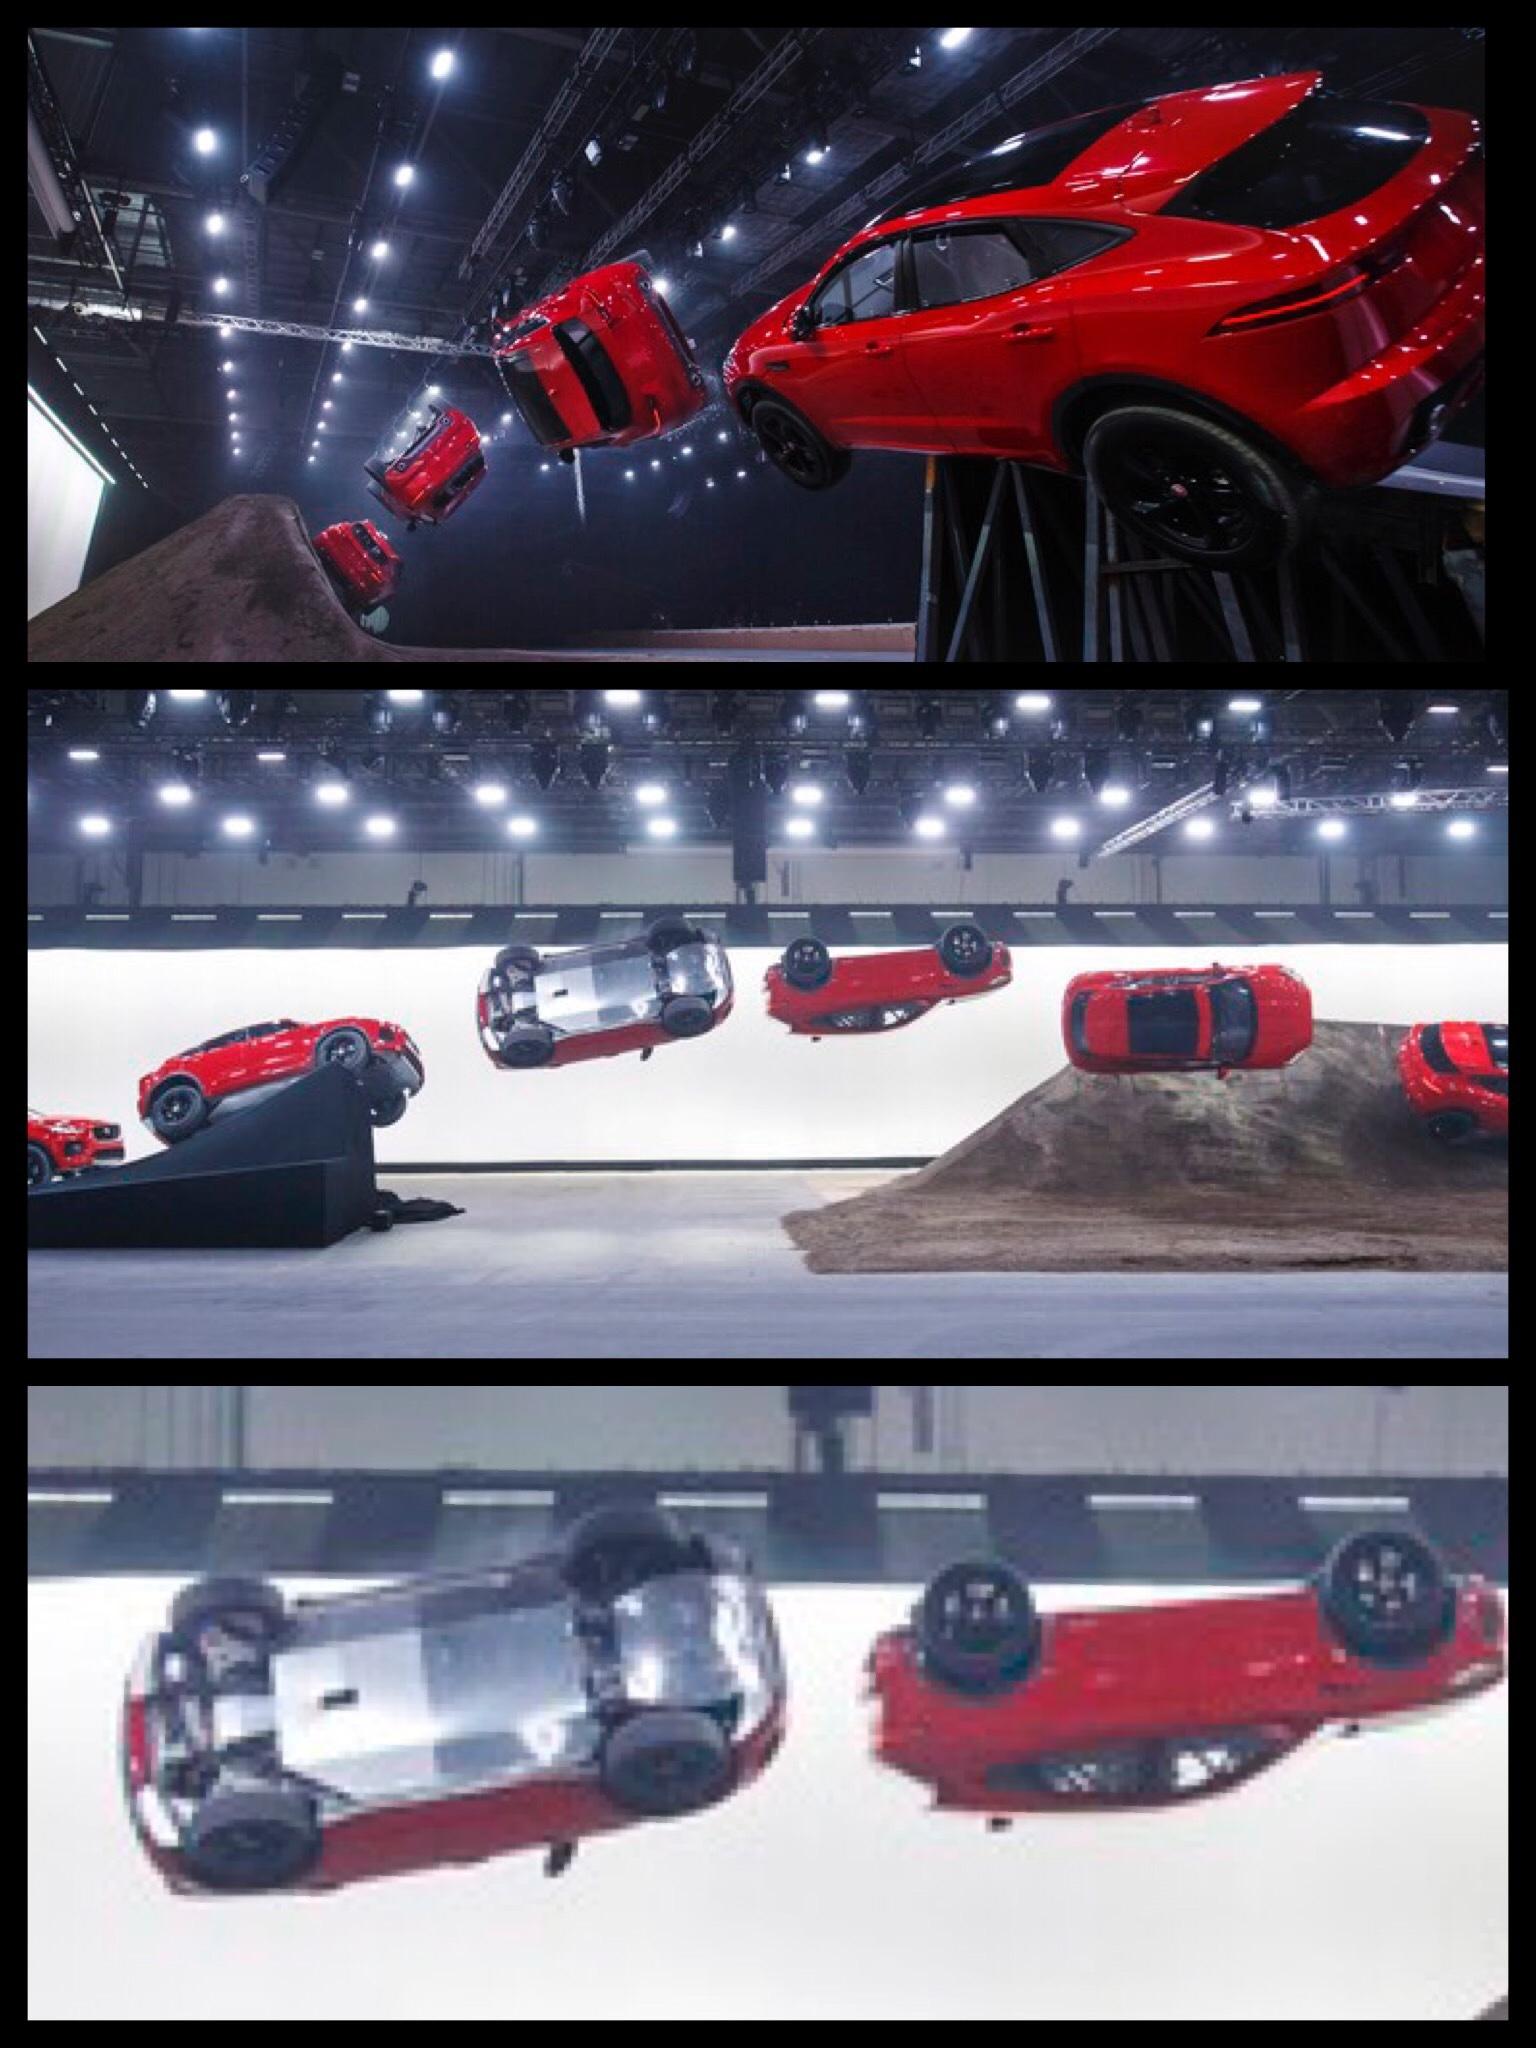 ジャガーE-PACE バロンロール 1回転ひねりジャンプ